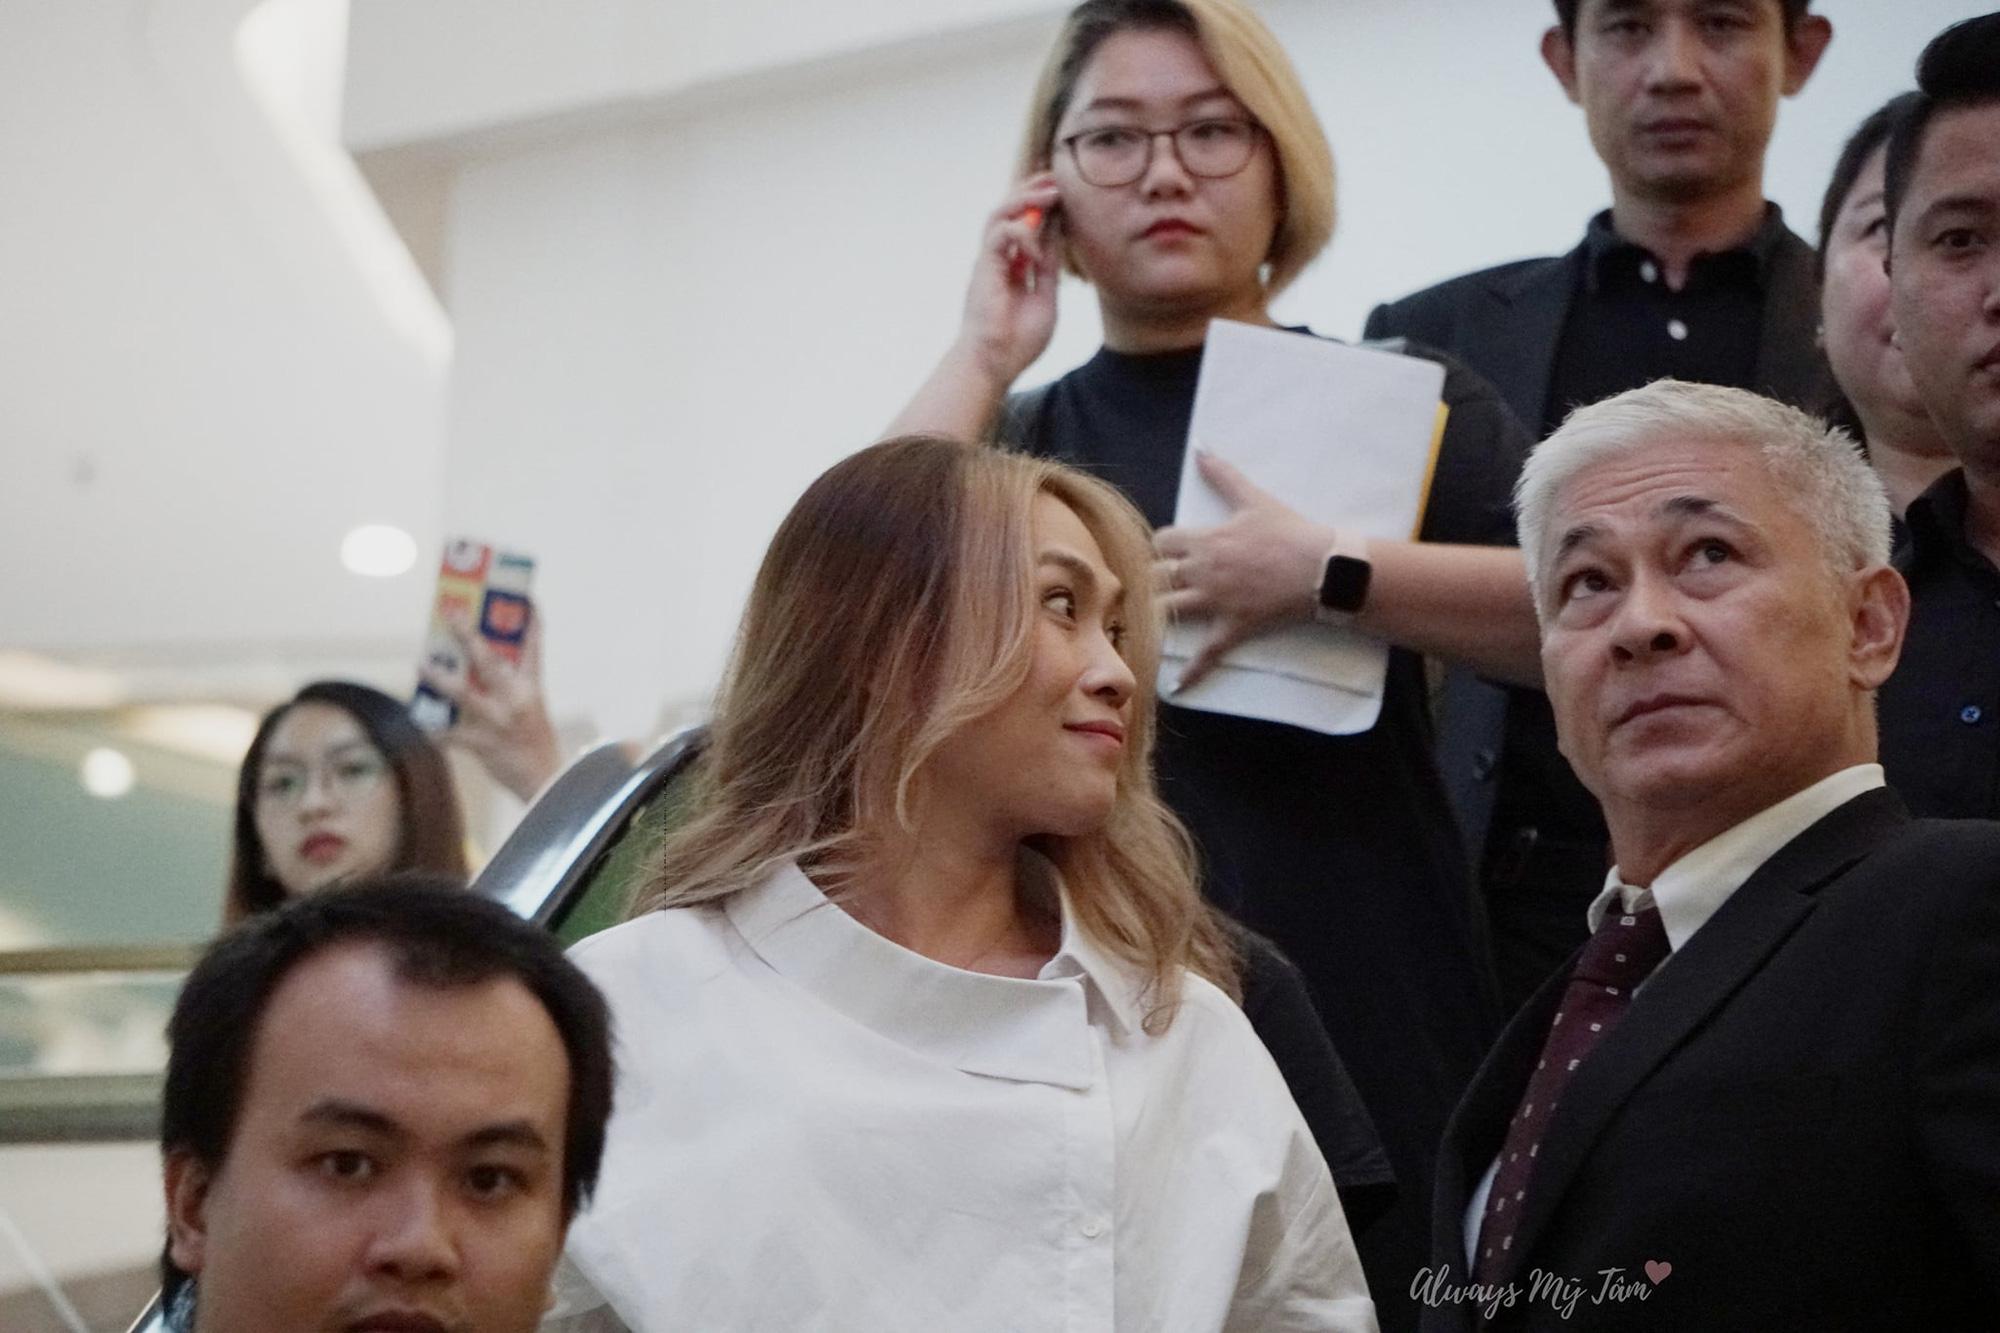 Chị đẹp Mỹ Tâm chơi quá: Đã bắt trend tóc Jennie còn diện cả nhẫn, dây chuyền hàng hiệu giống Lisa - Ảnh 5.